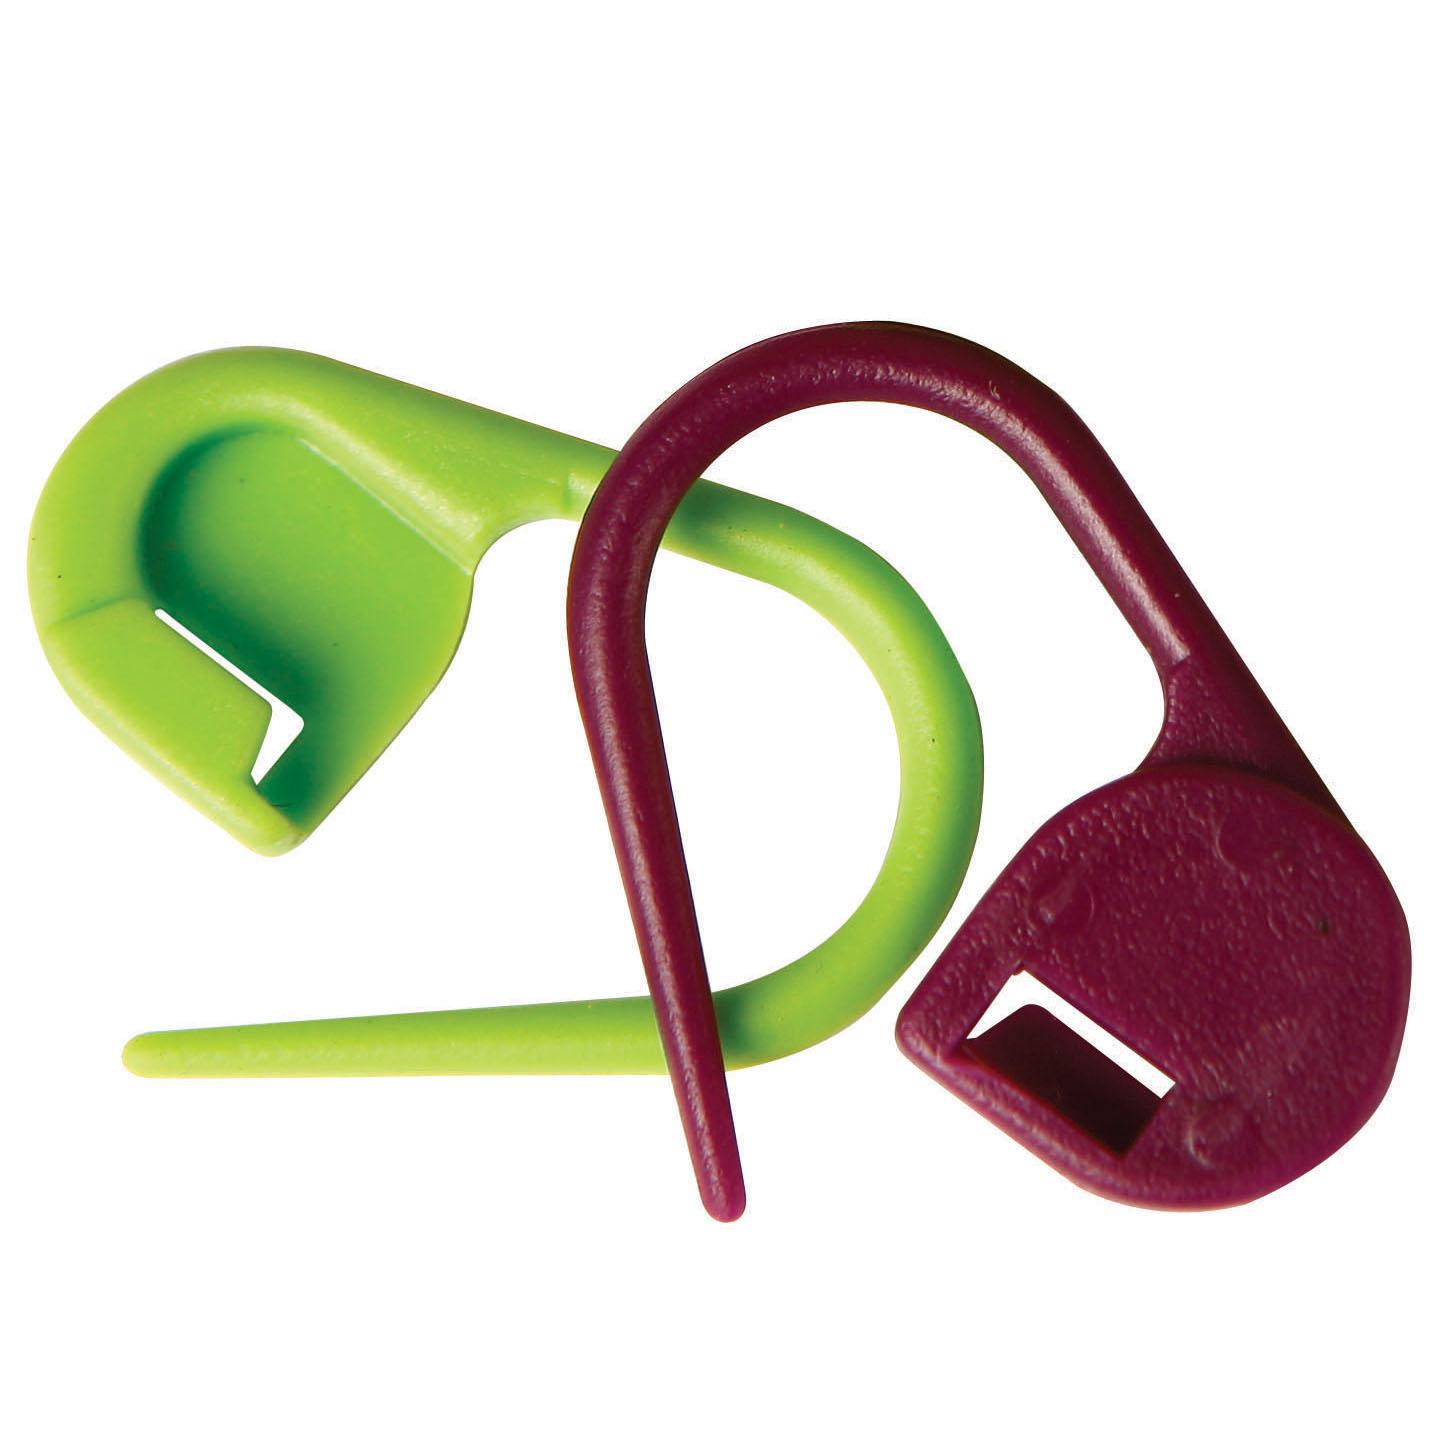 Knitpro Locking Stitch Markers product image